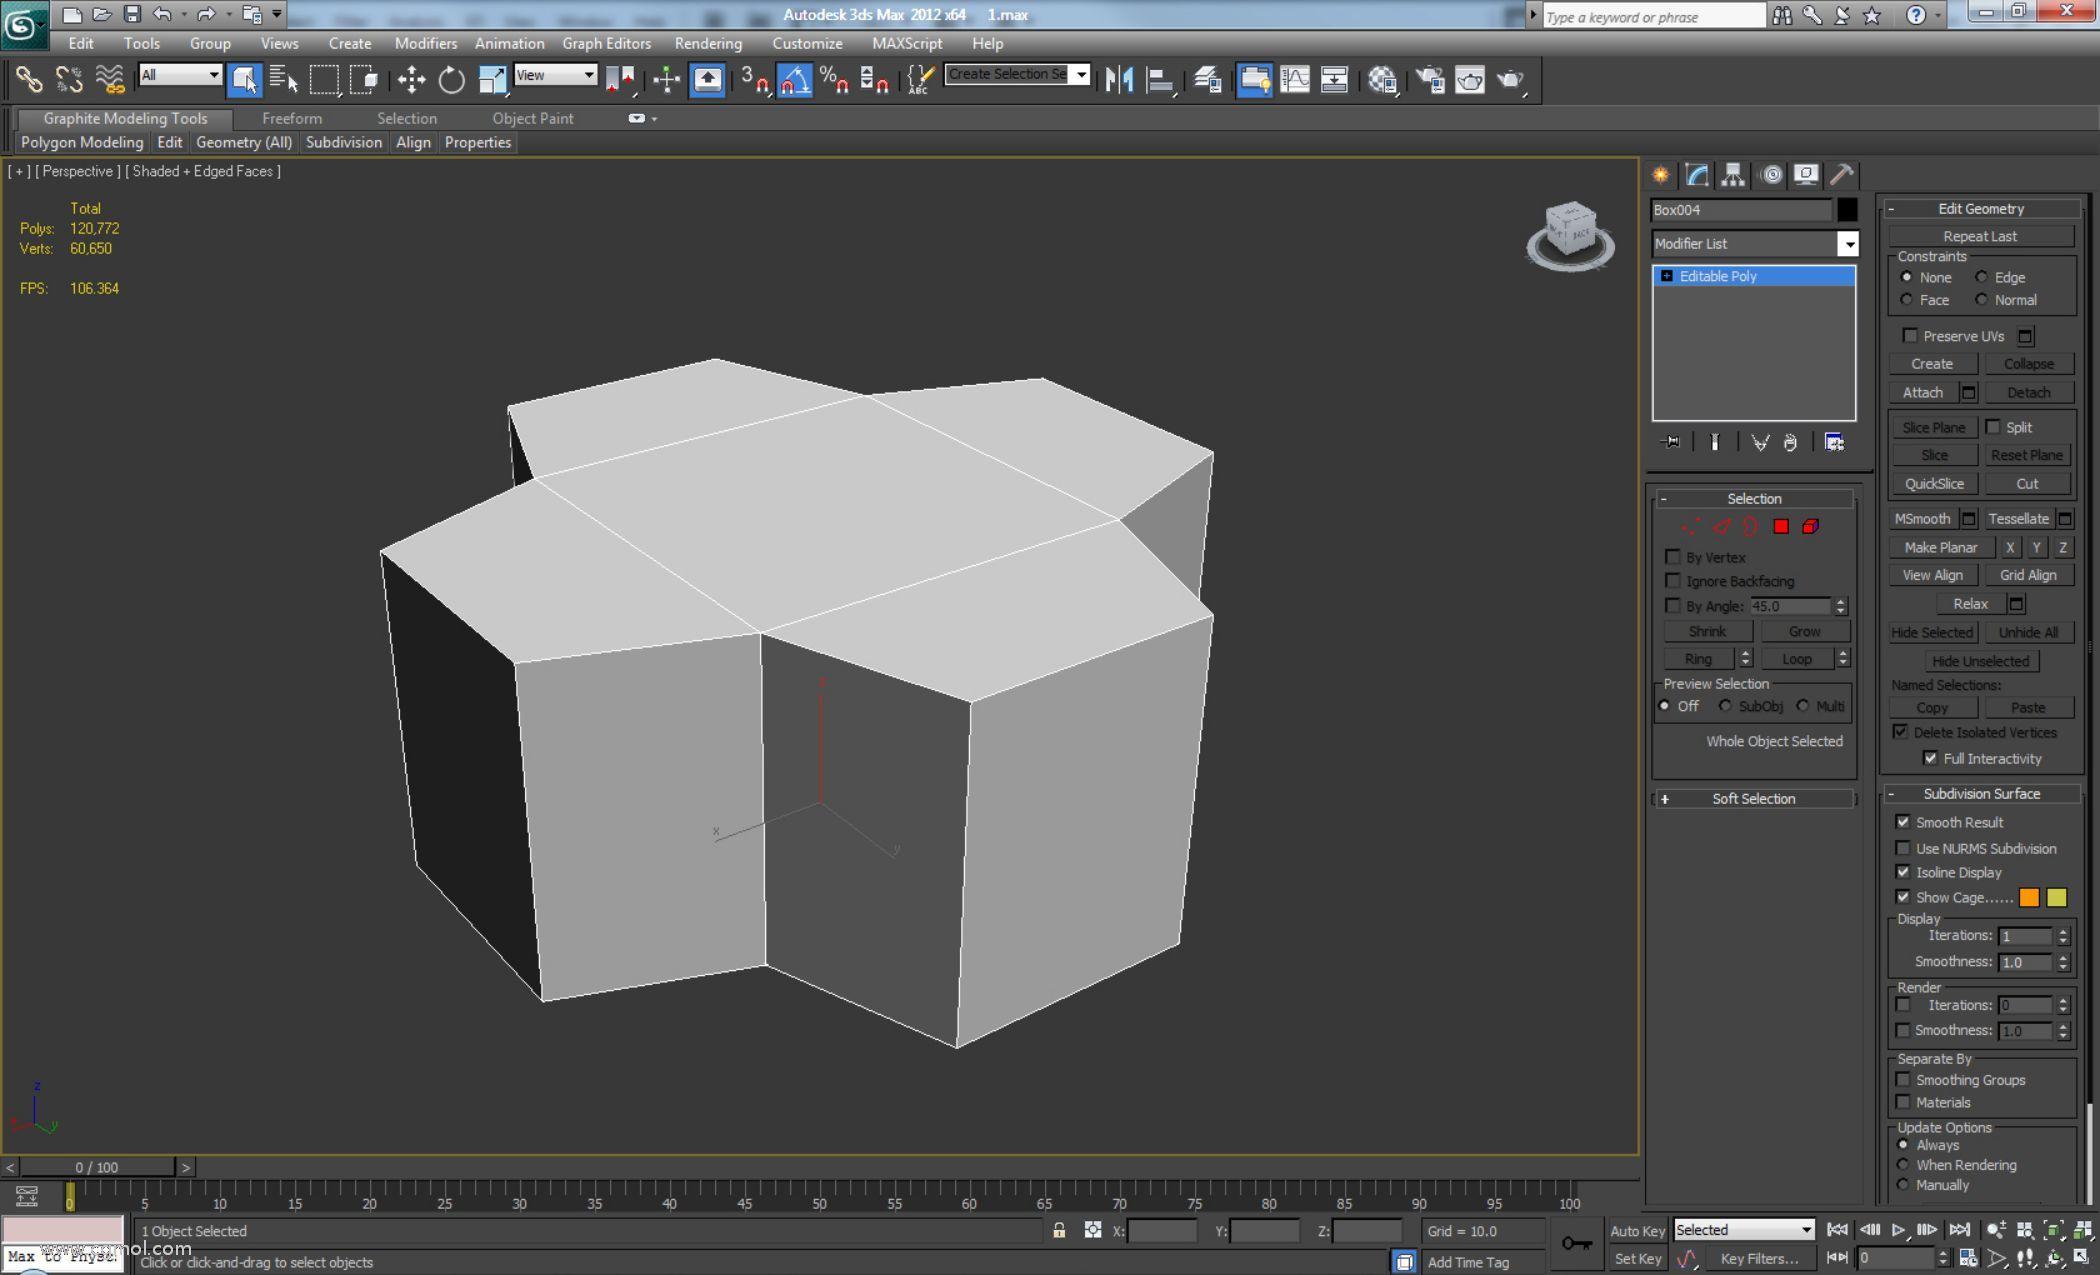 创建一个新Box,将其转换为可编辑多边形并向外挤出四个边多边形。然后如图所示缩小两侧(不改变高度。)